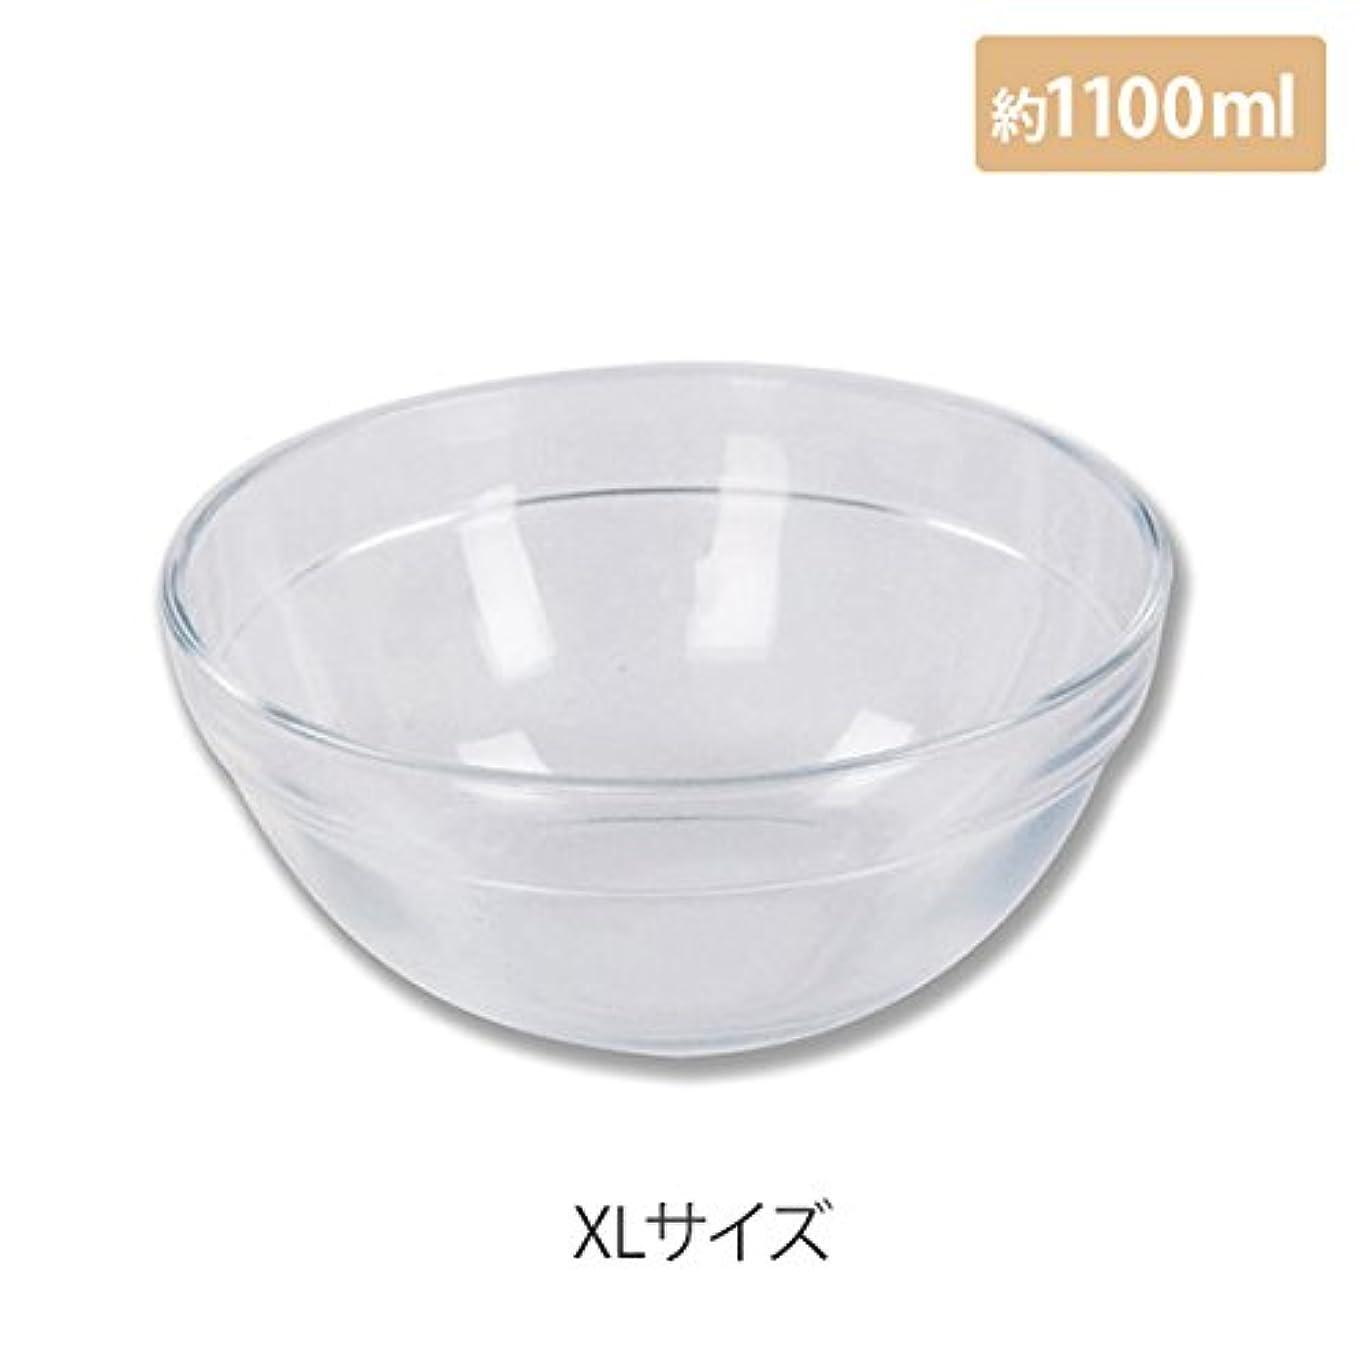 そこ範囲したがってマイスター プラスティックボウル (XLサイズ) クリア 直径20cm [ プラスチックボール カップボウル カップボール エステ サロン プラスチック ボウル カップ 割れない ]